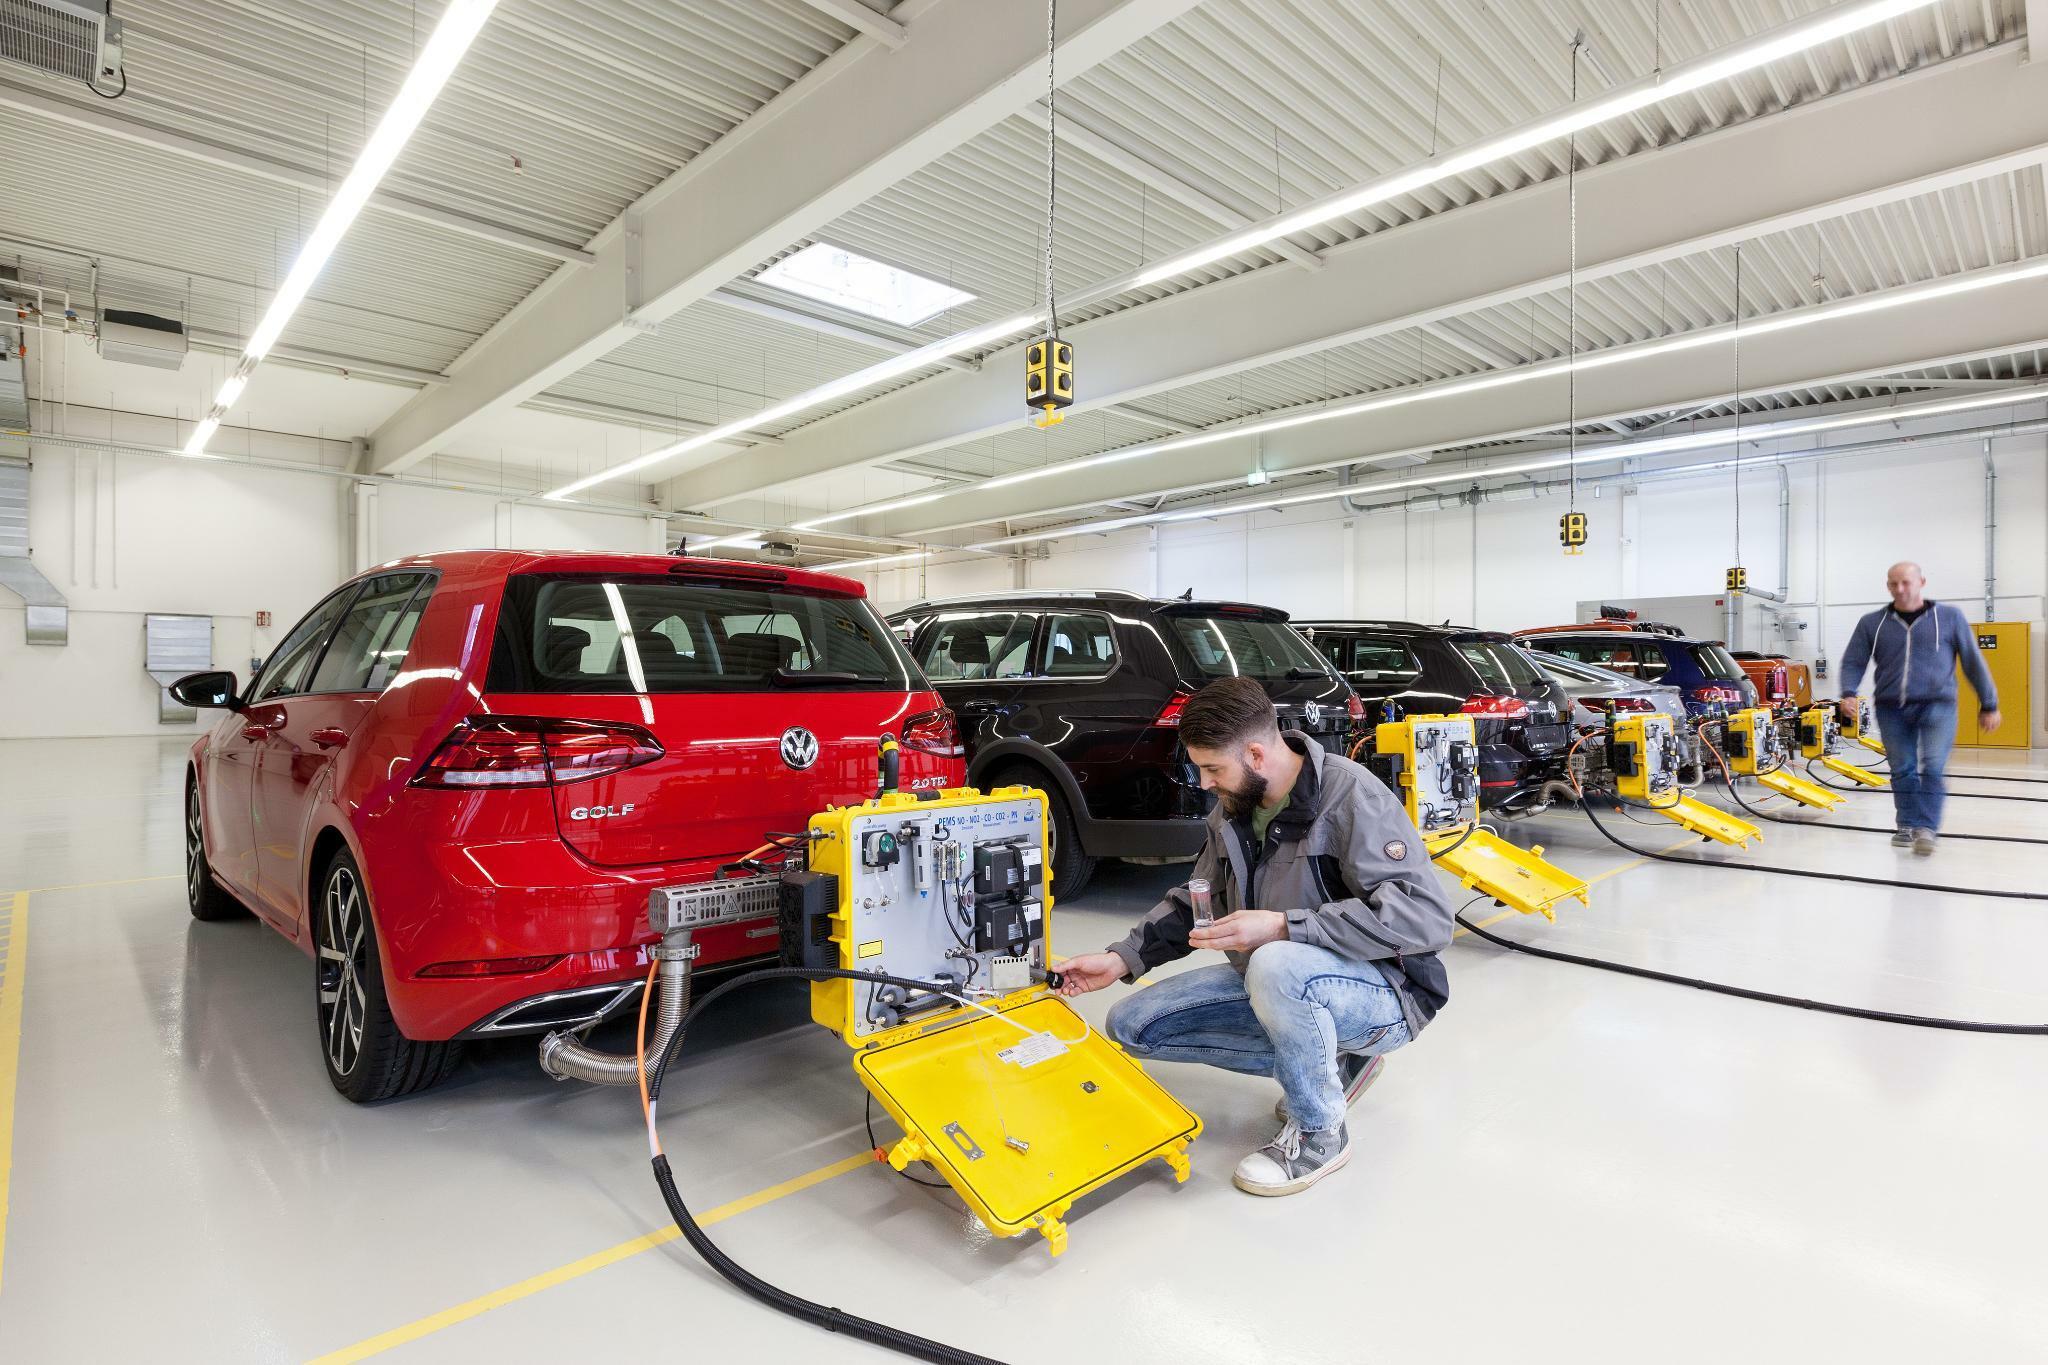 Vw Dieselskandal Adac Und Vzbv Bereiten Musterfeststellungsklage Vor